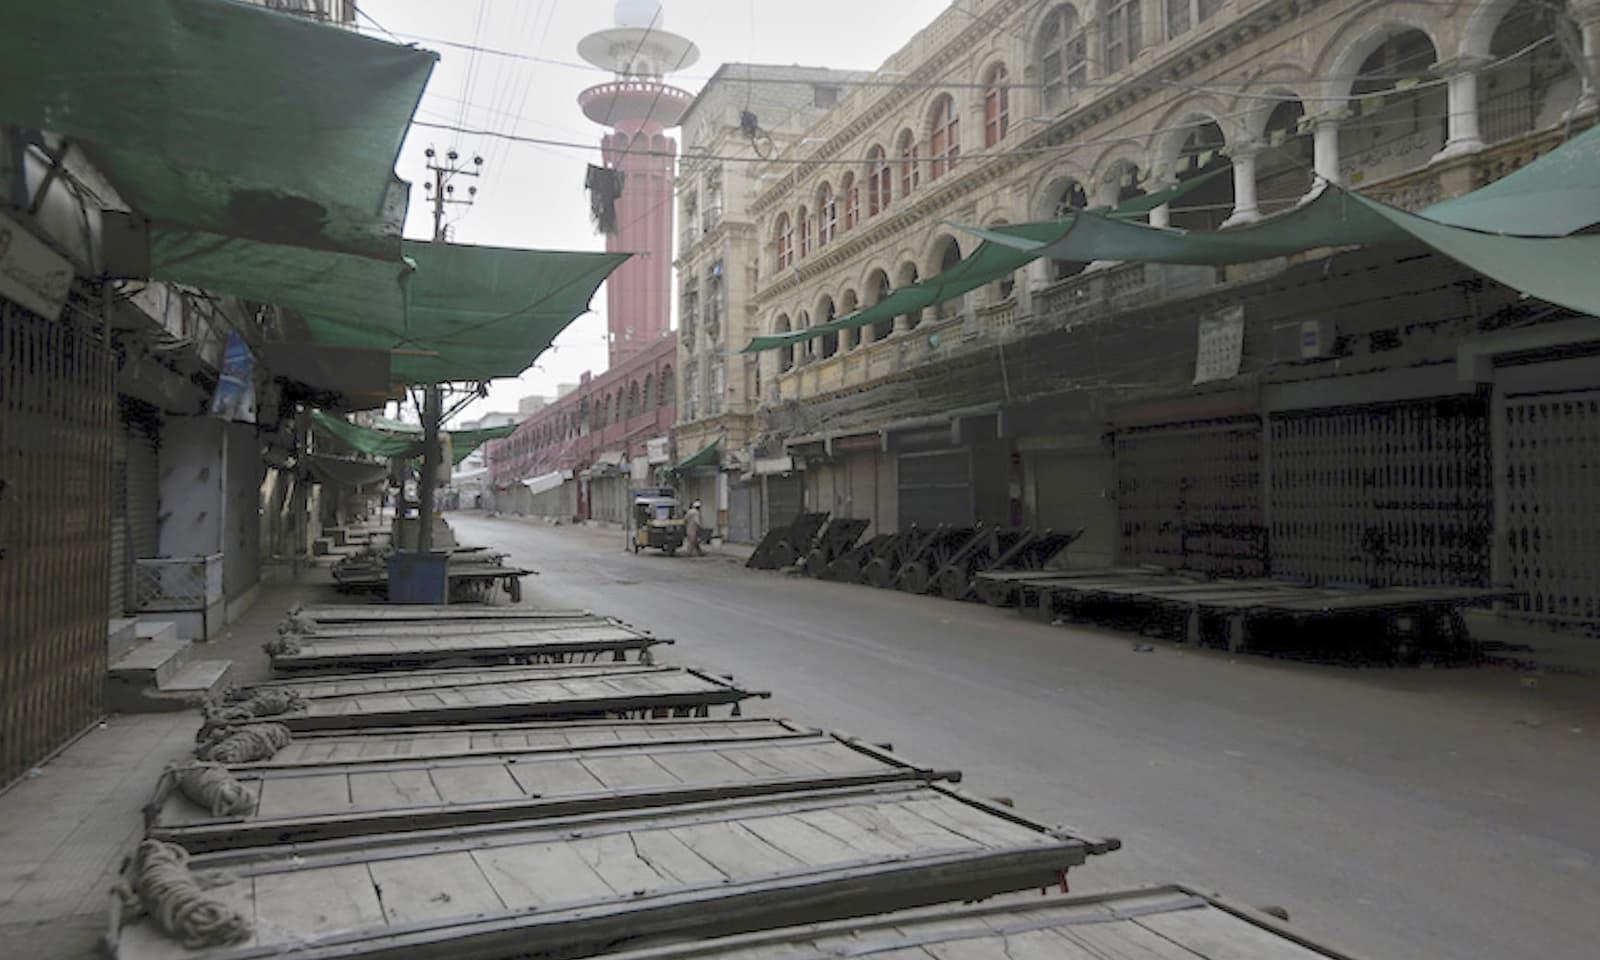 لاک ڈاؤن کے باعث کراچی کی معروف مارکیٹ مکمل بند نظر آرہی ہے — فوٹو: اے پی